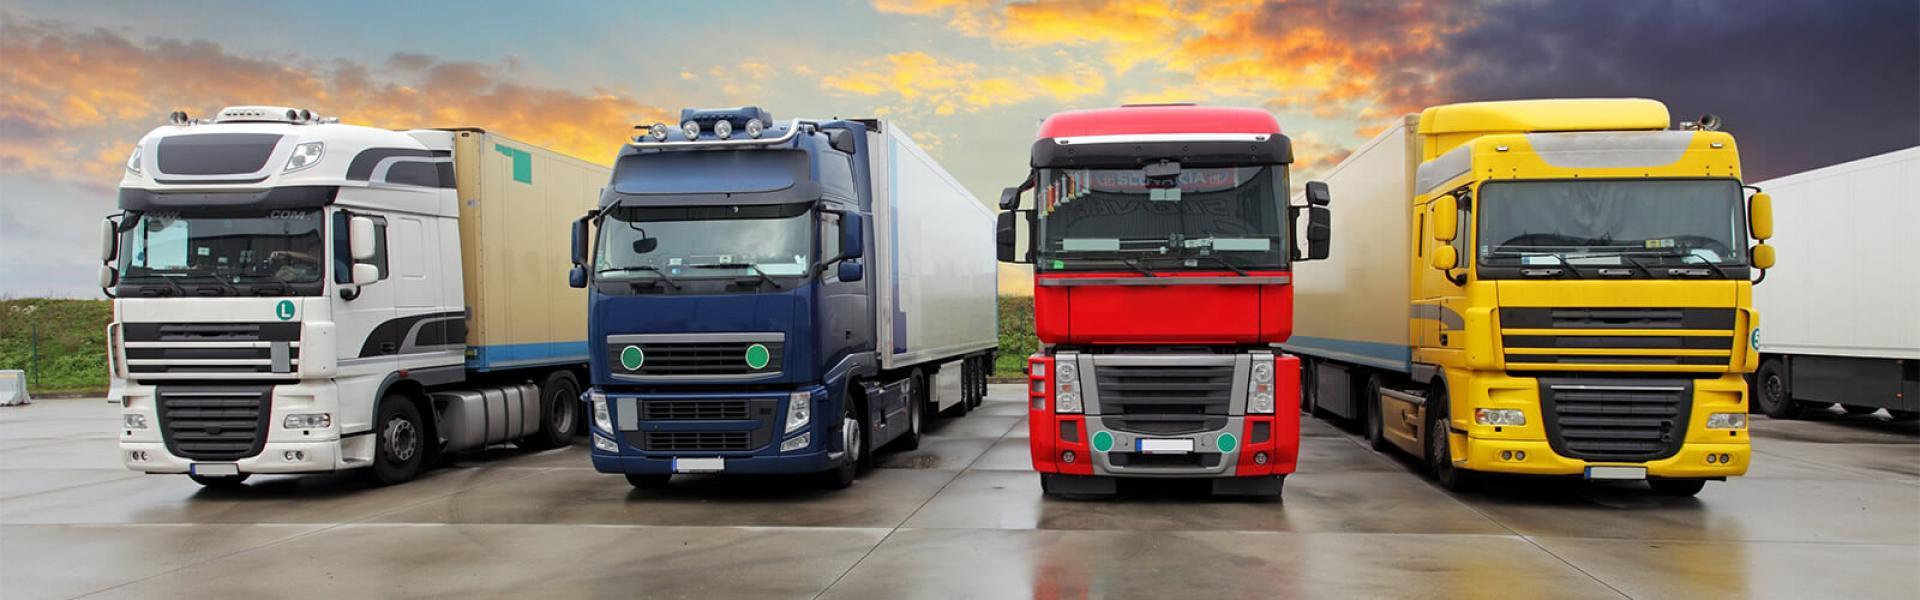 Μπαταριες Για φορτηγα και μηχανηματα